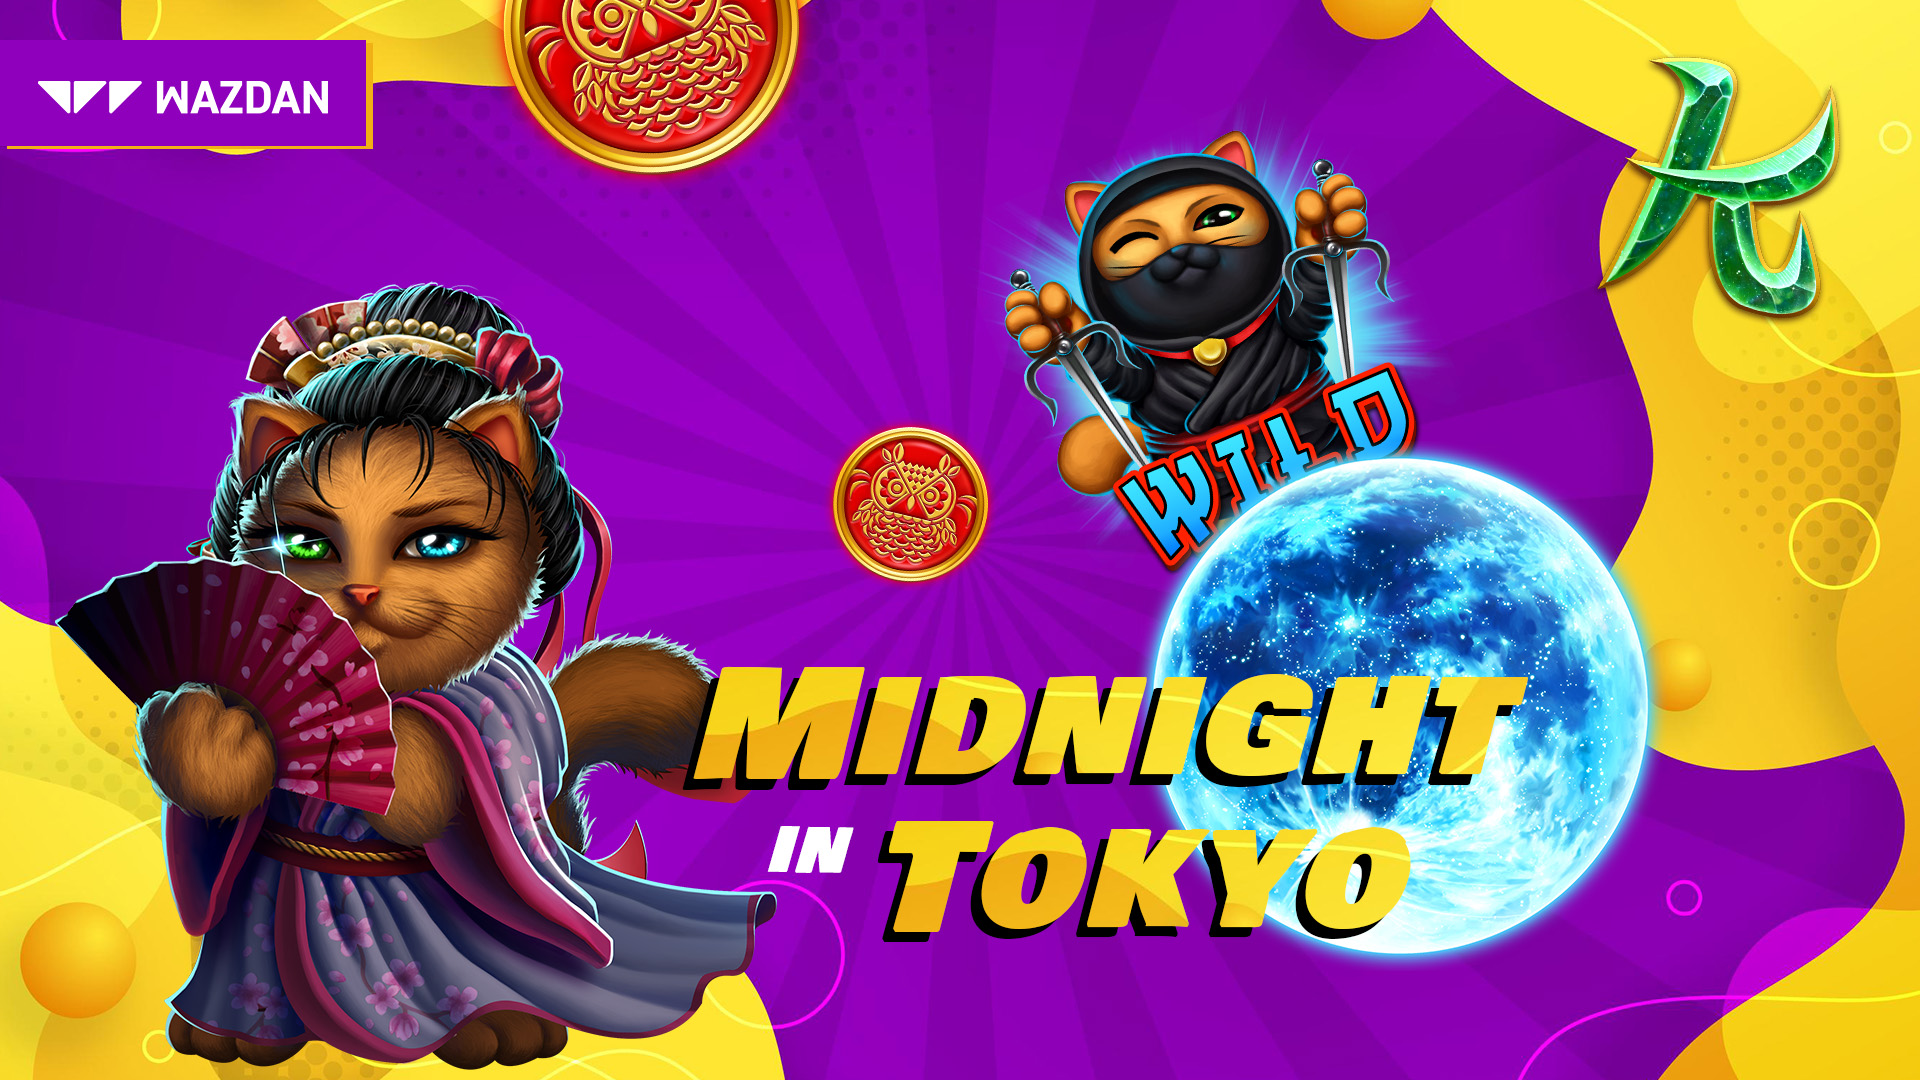 midnight-in-tokyo-slot